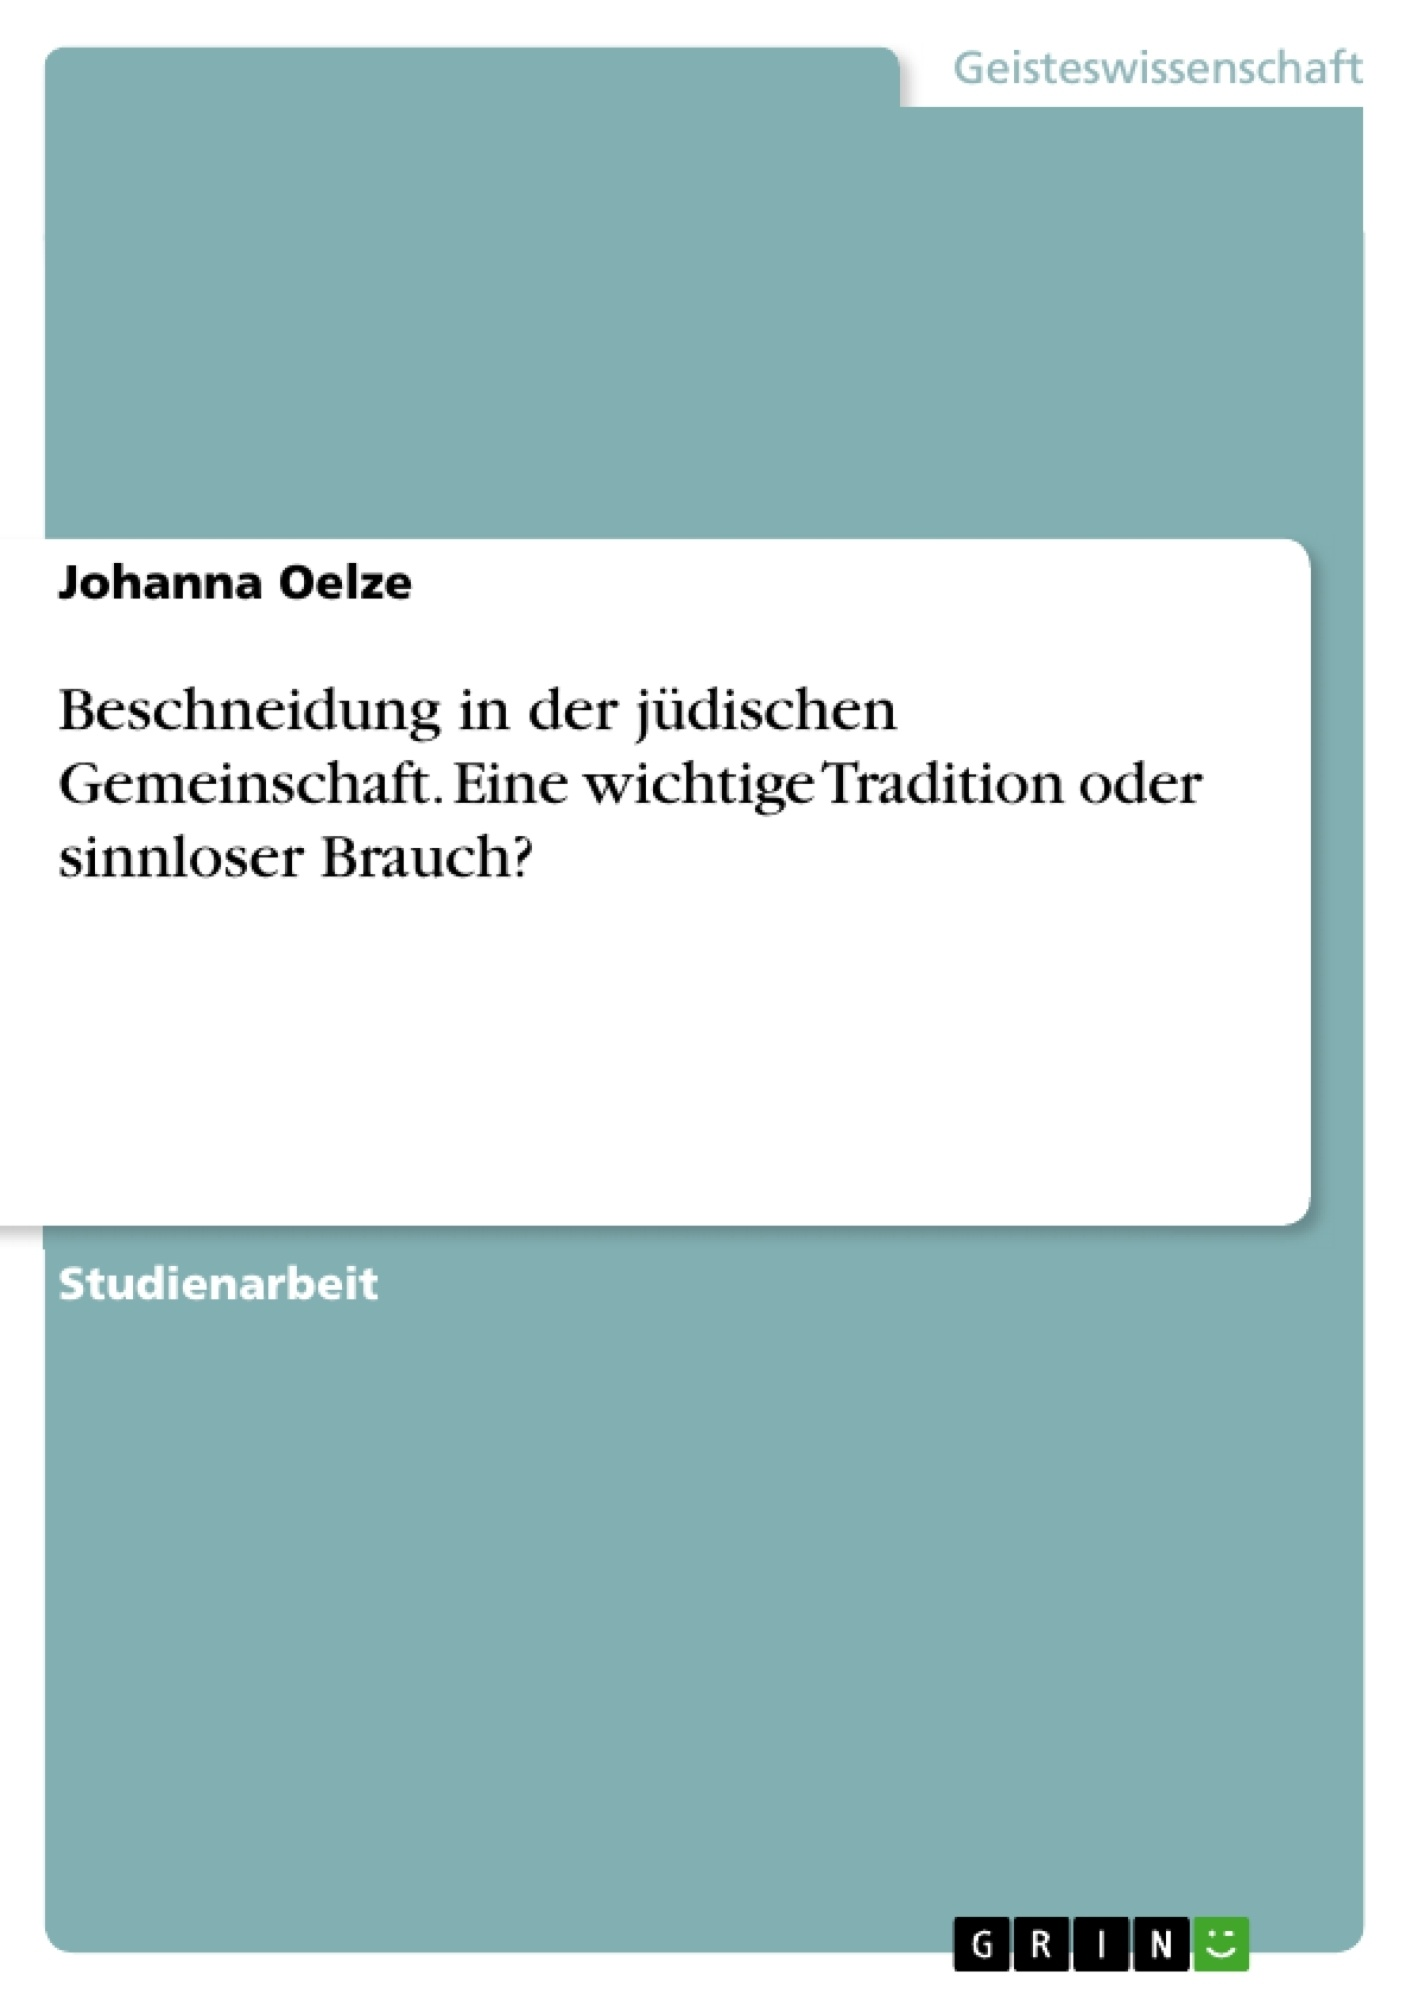 Titel: Beschneidung in der jüdischen Gemeinschaft. Eine wichtige Tradition oder sinnloser Brauch?